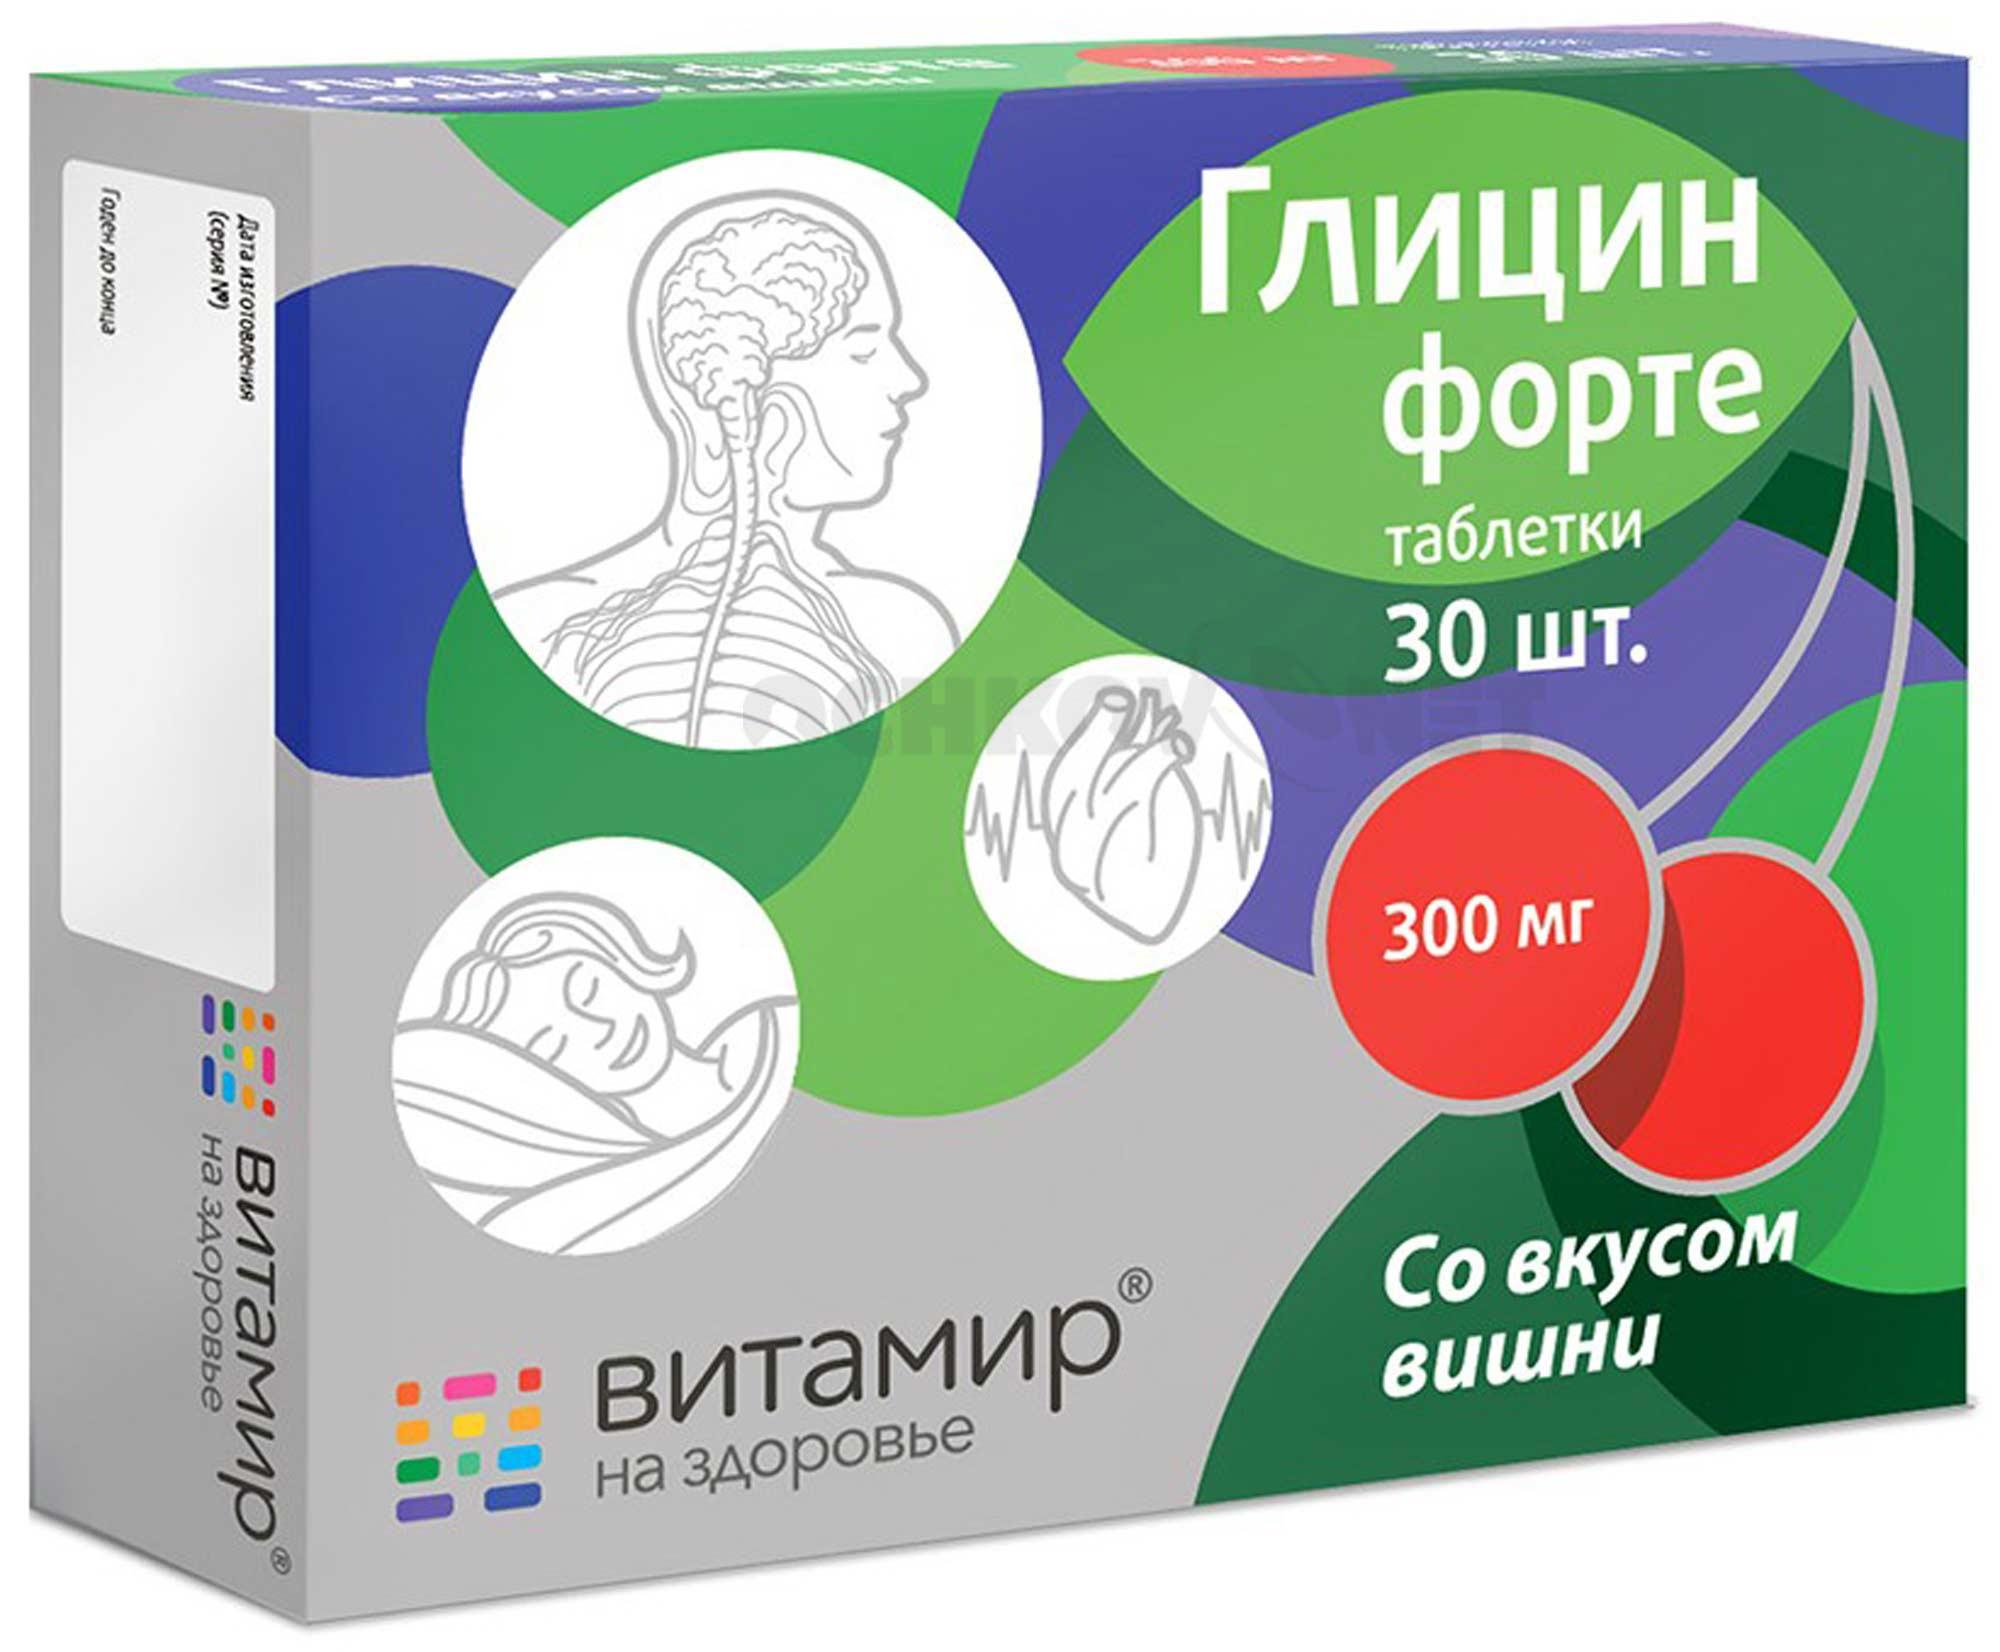 Глицин форте 300 мг 30 таблеток Квадрат-С